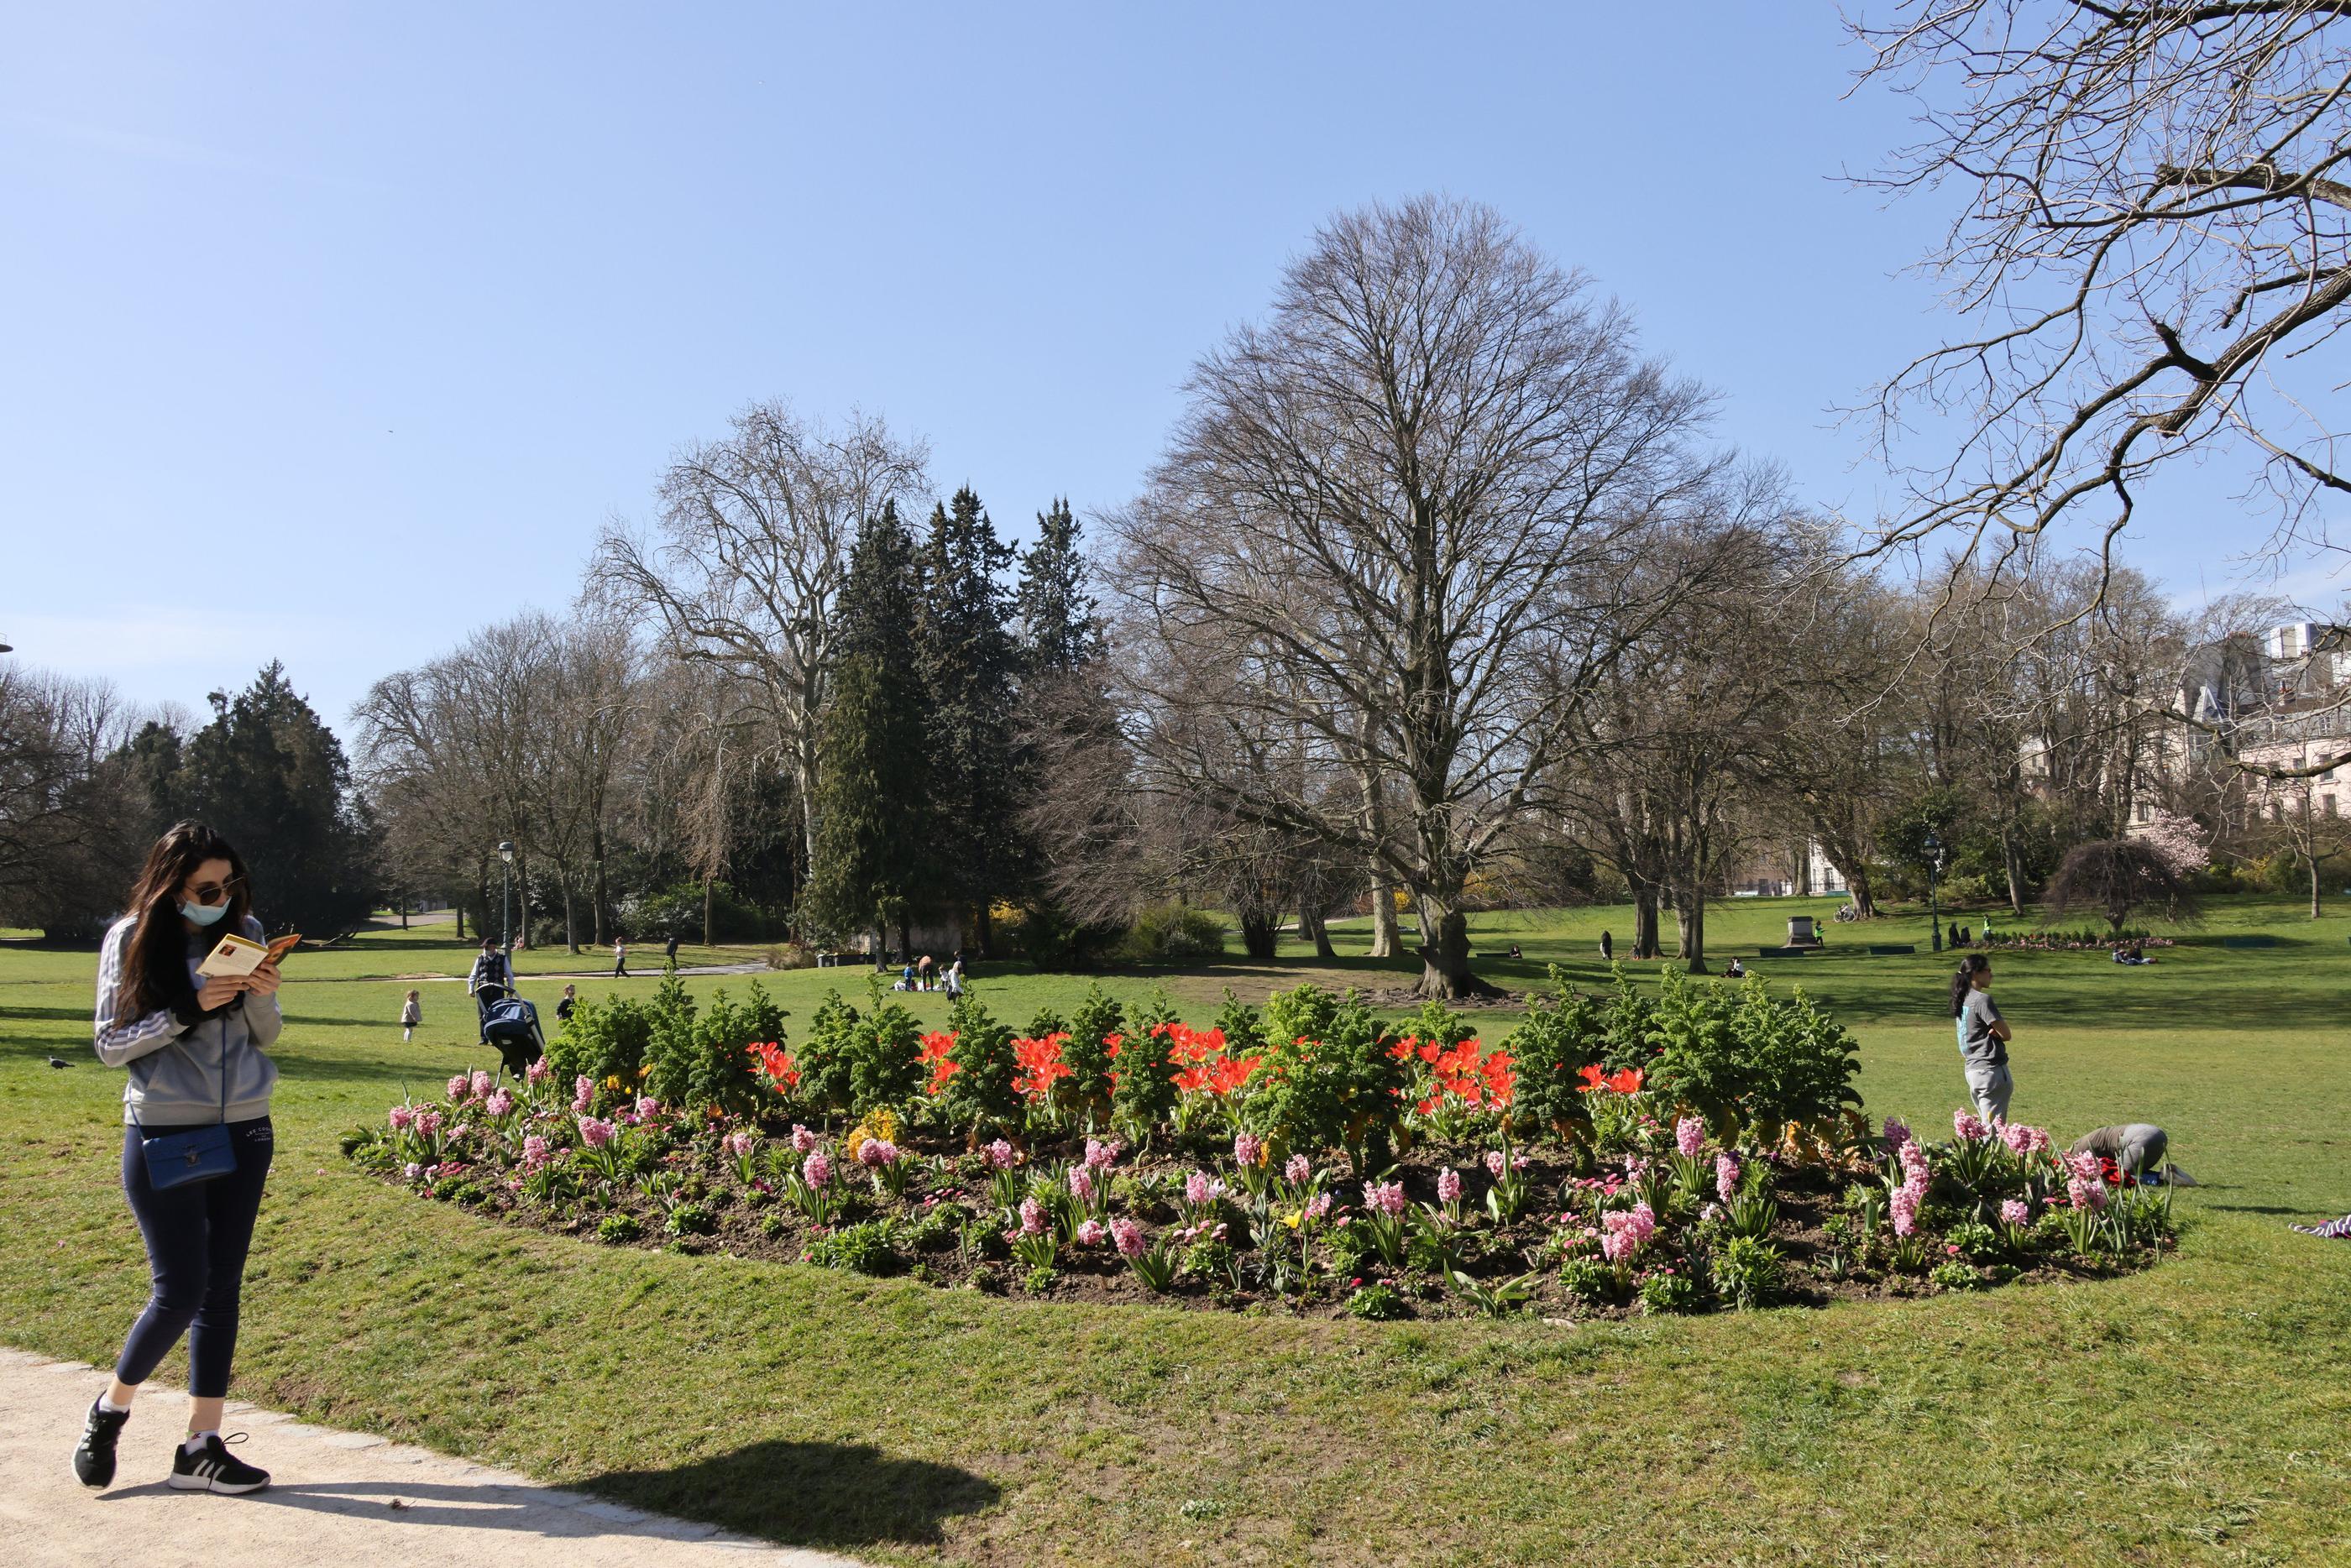 Le parc Montsouris, une parenthèse enchantée au sud de Paris